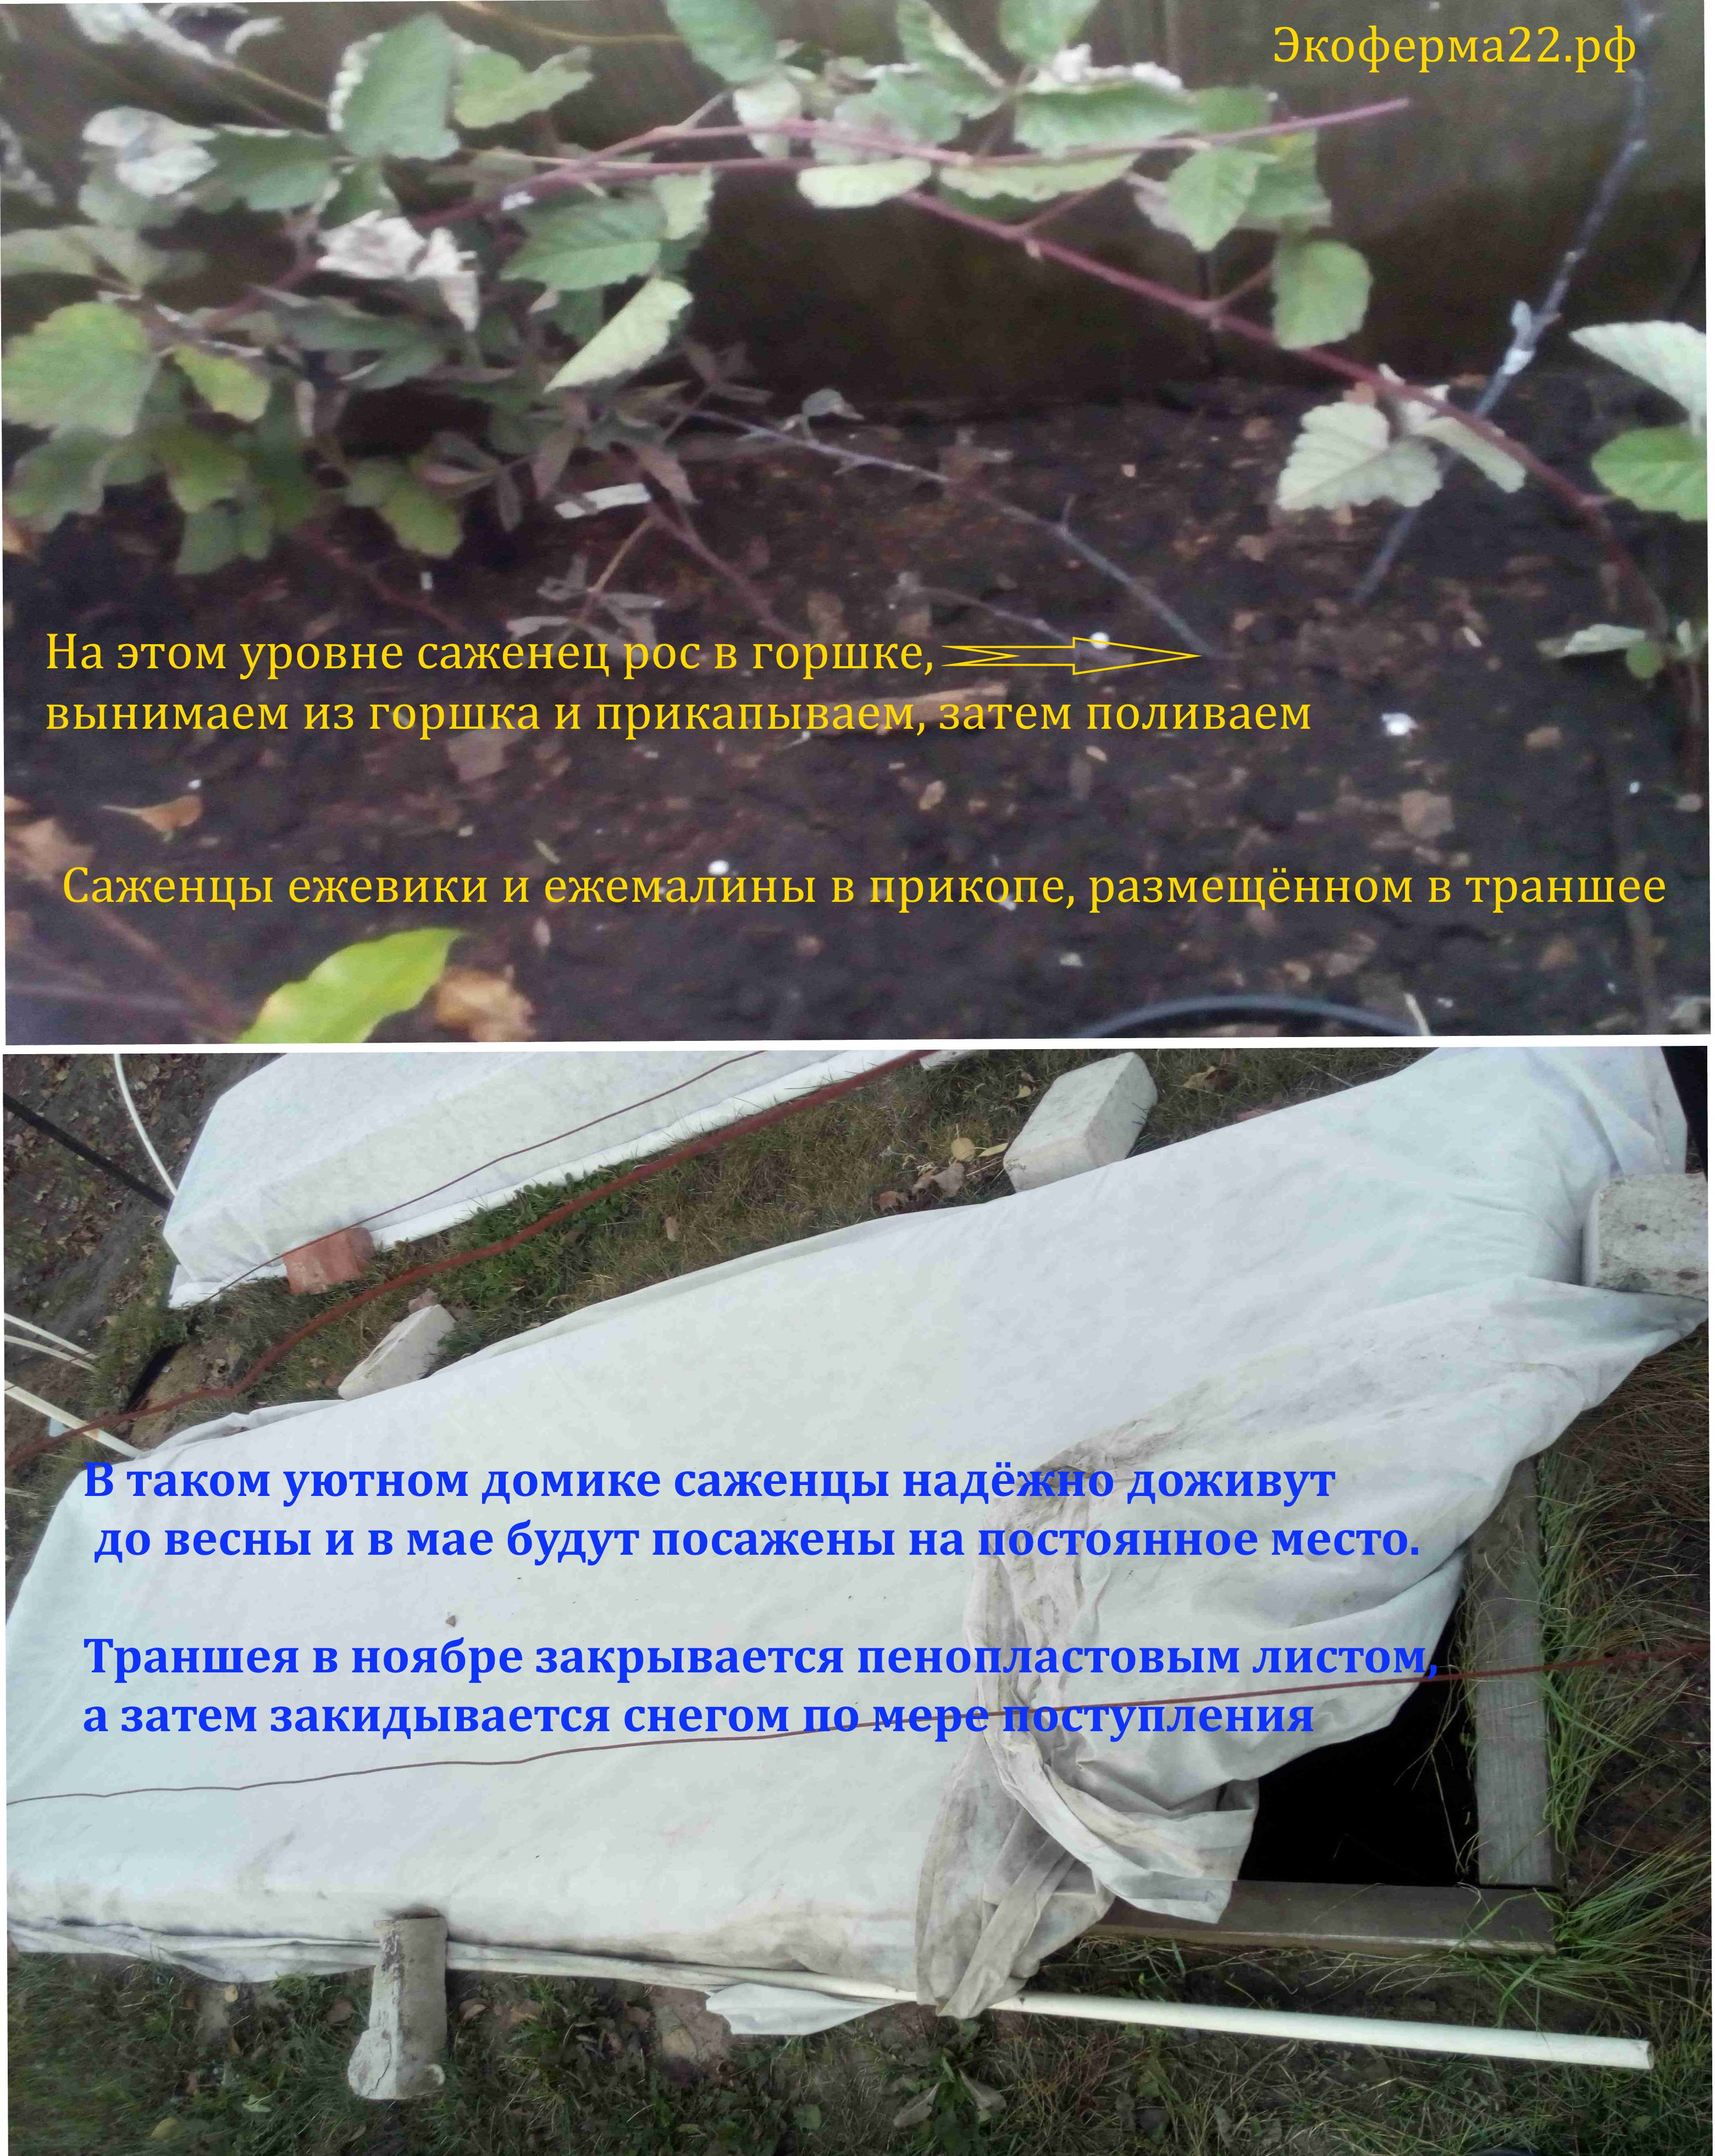 Актинидия и ежевика в прикопе